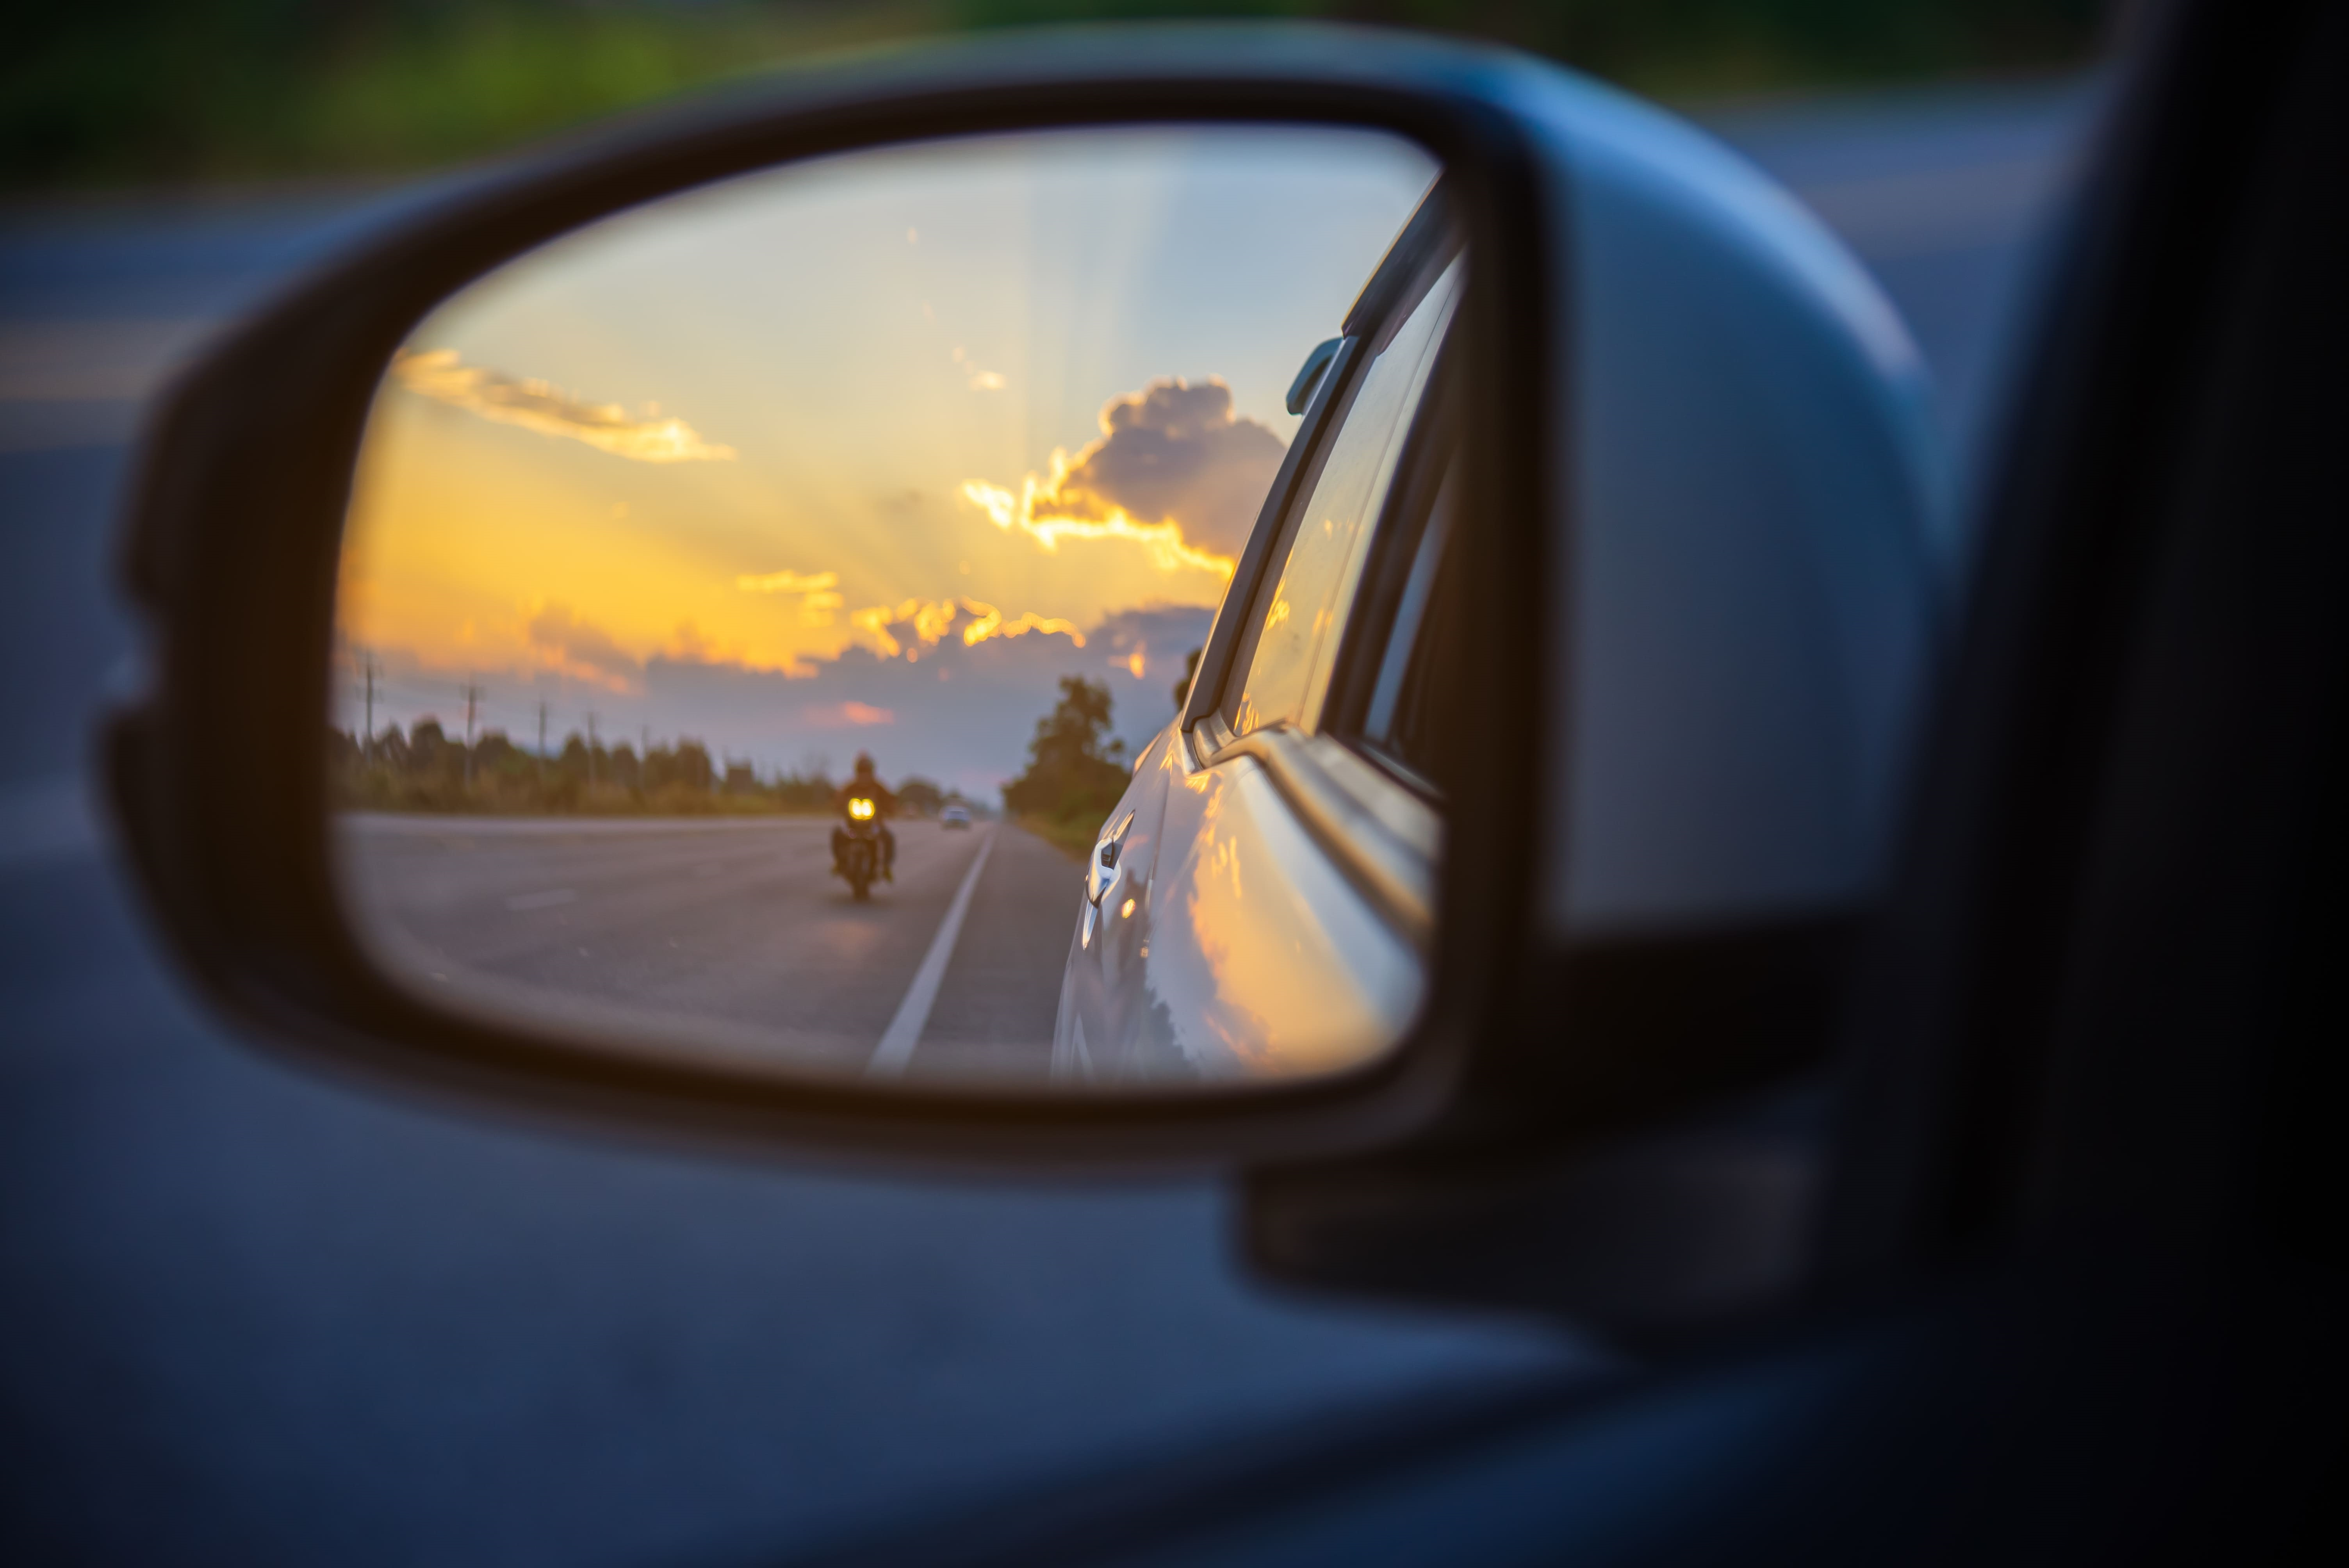 「ムラーノ」の中古車を自社ローンで購入した方の車両価格相場と口コミ(体験談)